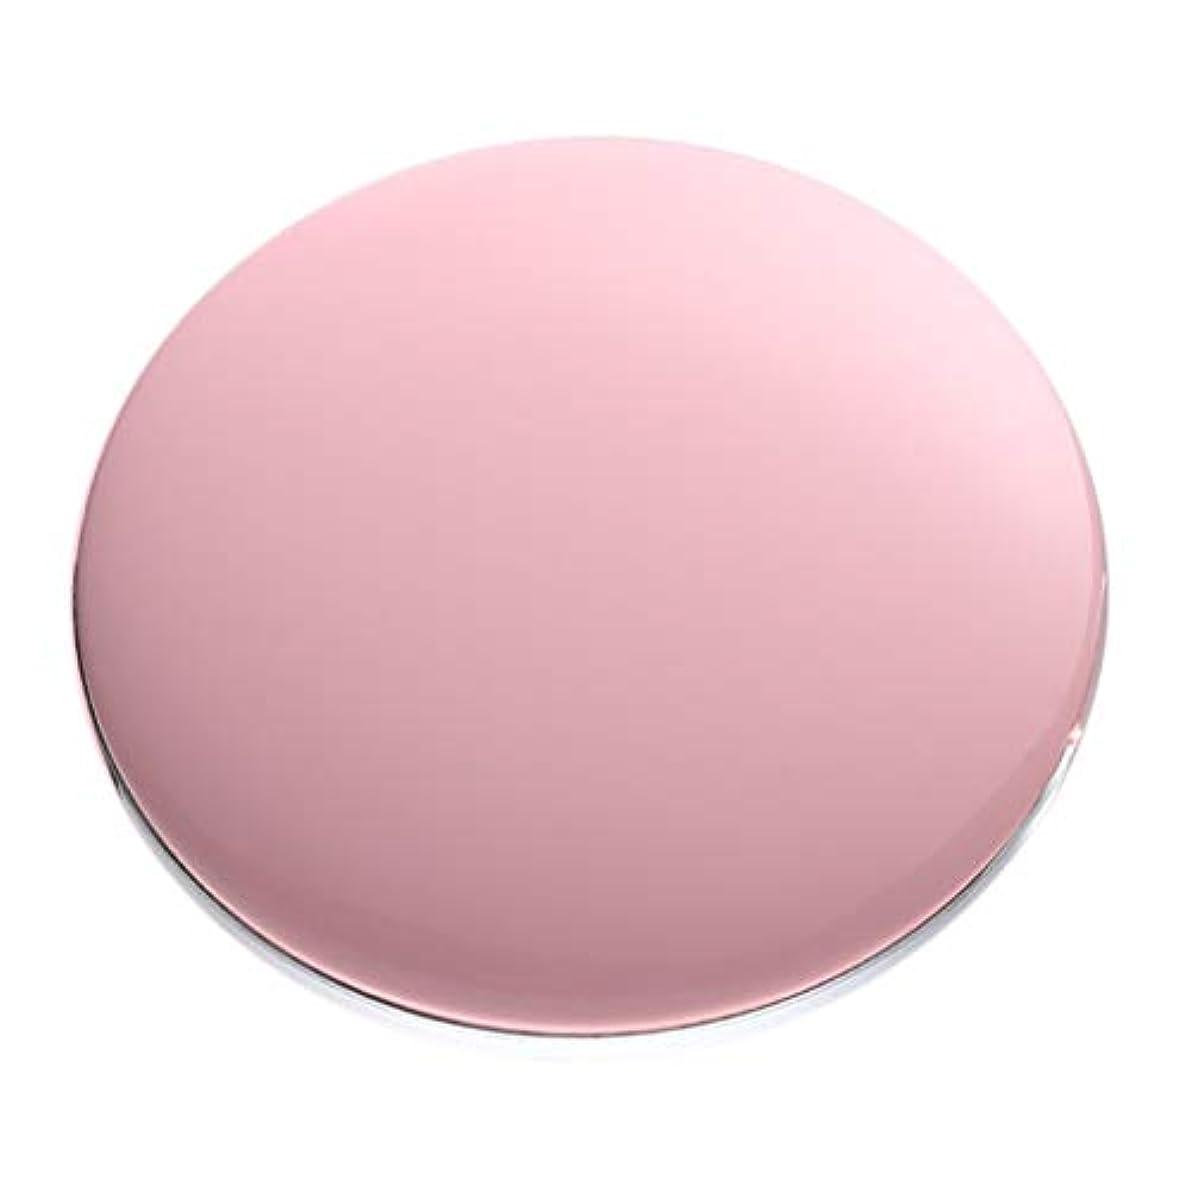 分割ばかげている非難する両面コンパクトミラー 拡大鏡付き手鏡 LEDミラー 女優ミラー 3倍拡大 折りたたみ式 充電 全5色 - ピンク